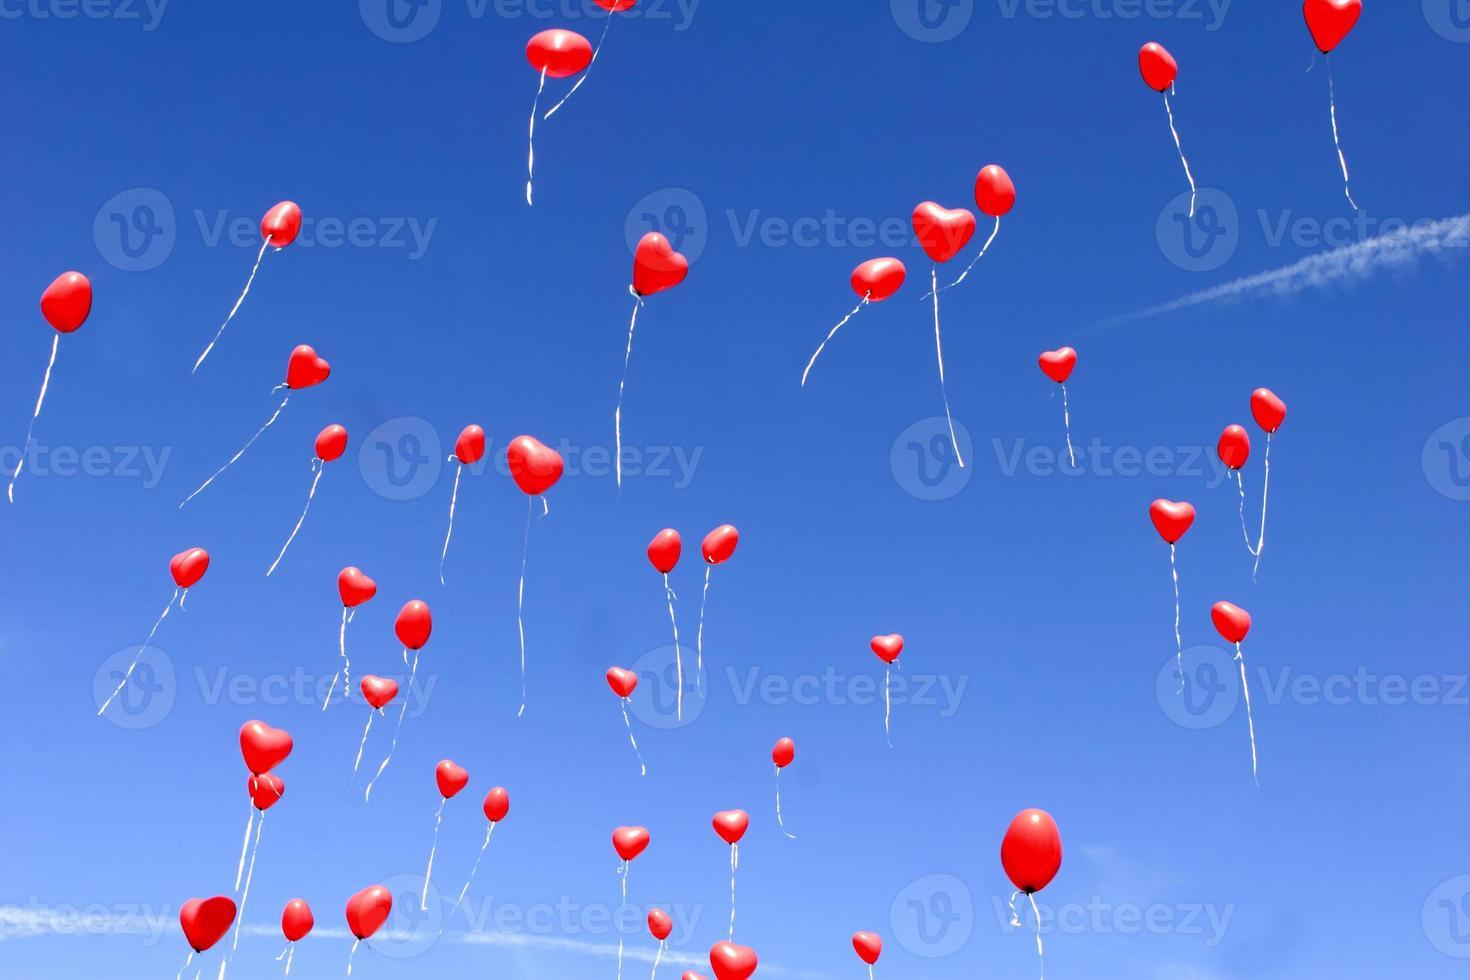 rood hart ballonnen in een blauwe hemel foto